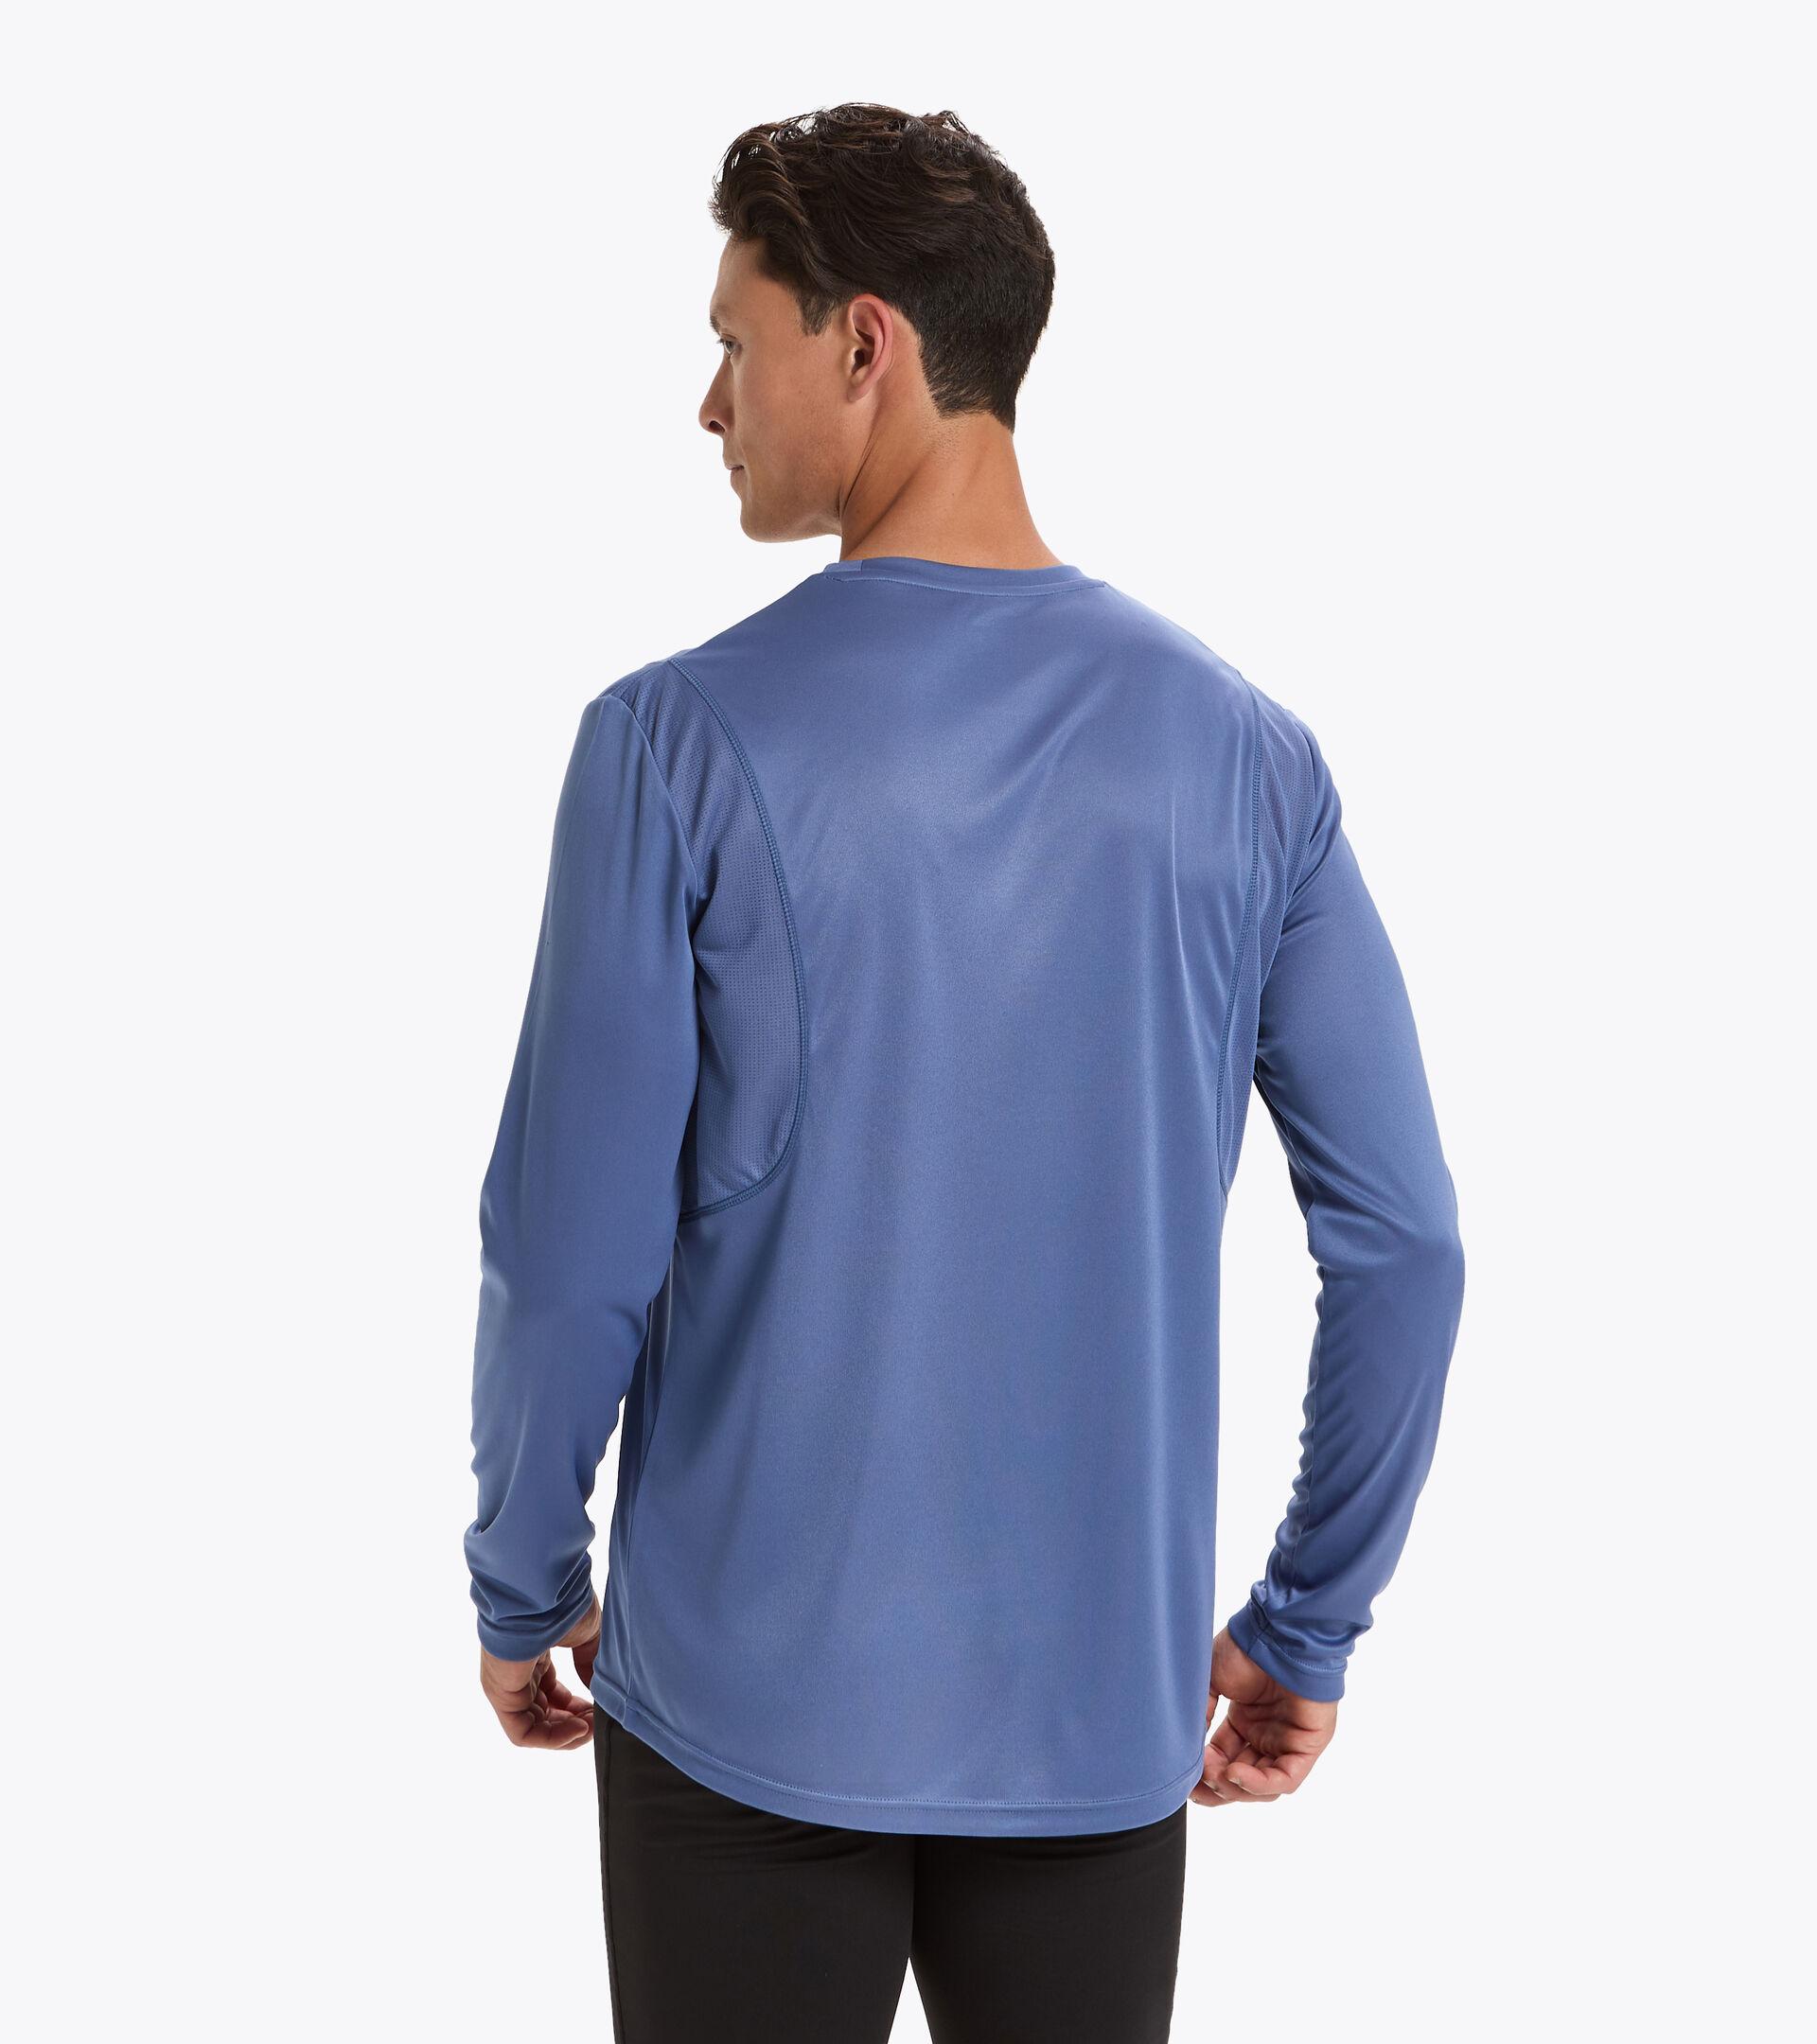 Camiseta para correr - Hombre LS CORE TEE AZUL INFINITO - Diadora